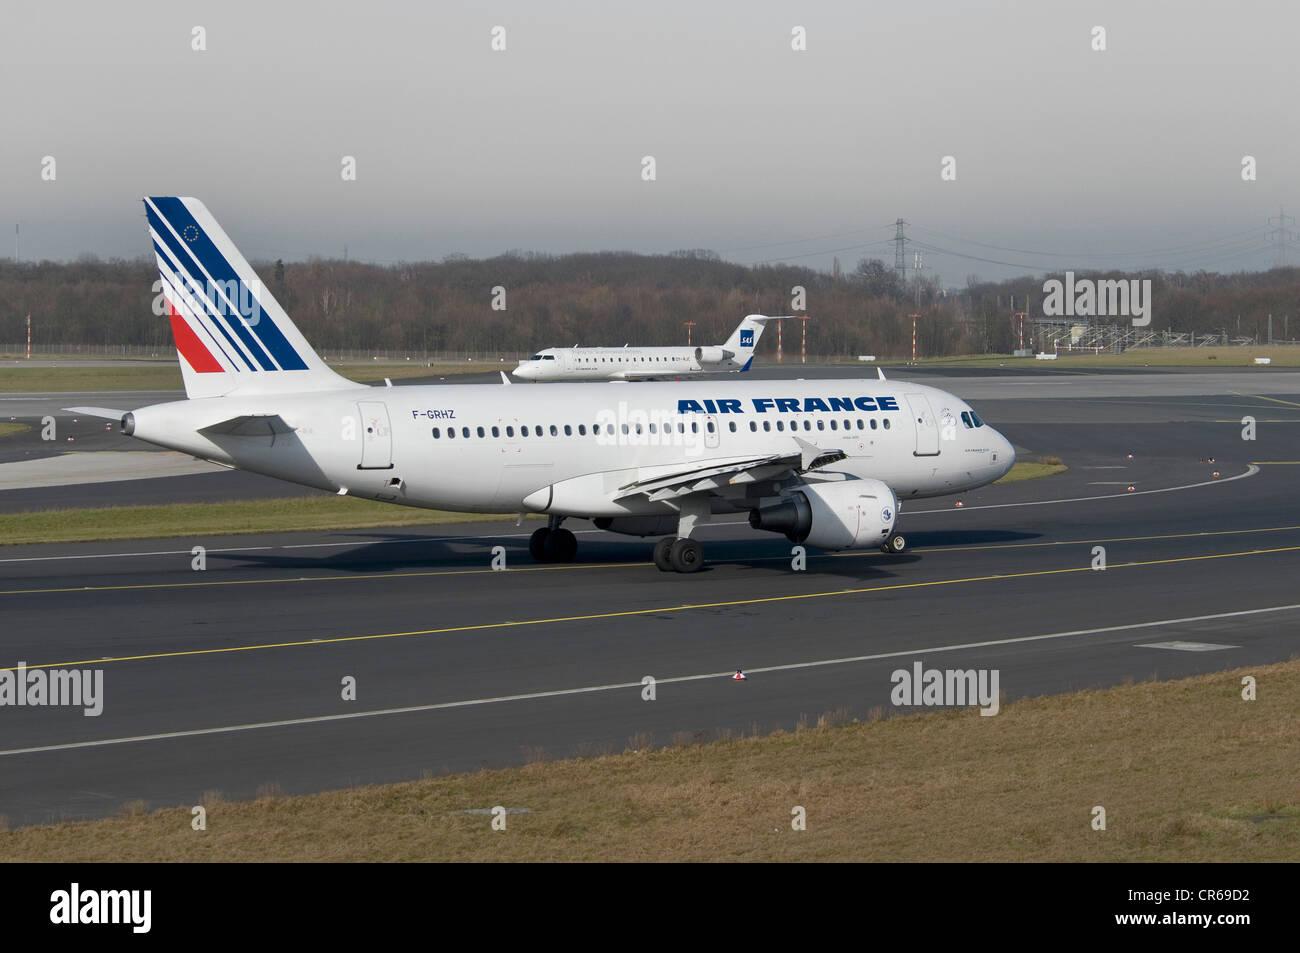 Air France Airbus A319-111 jet del passeggero sulla pista di Dusseldorf International Airport, dietro un getto di Immagini Stock